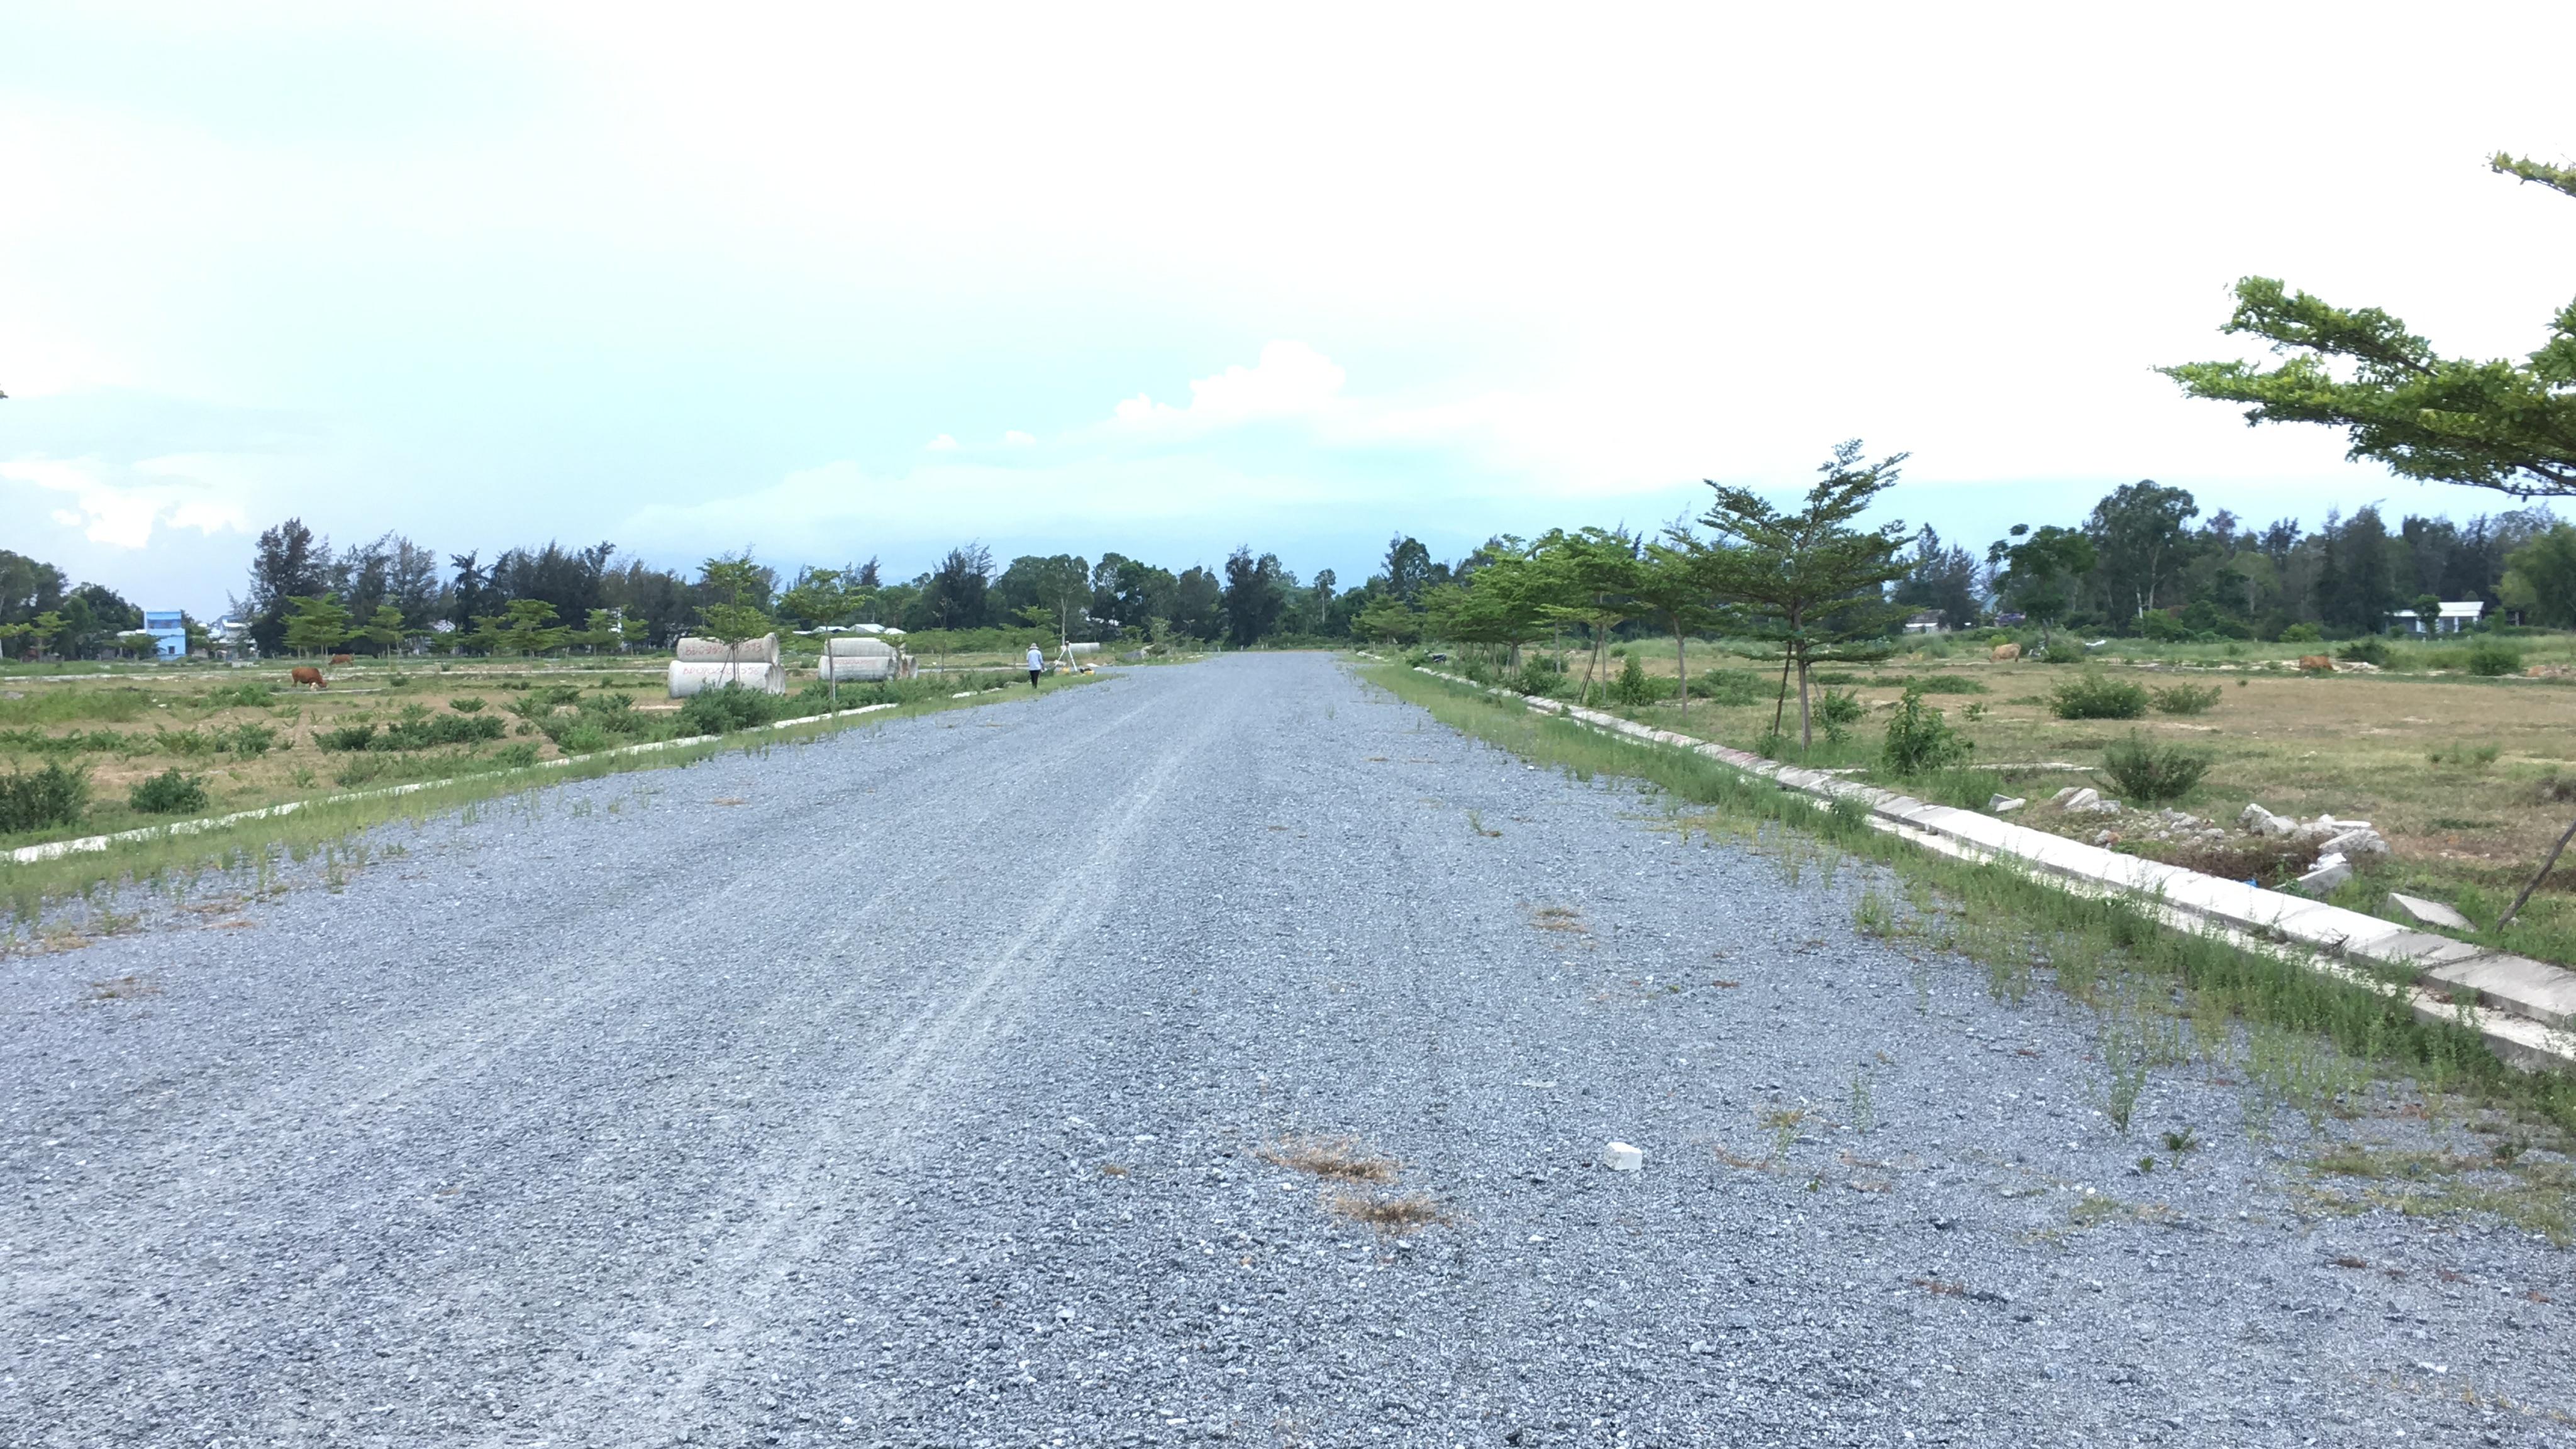 Quảng Nam: Dự án Khu đô thị 7B mở rộng hạ tầng dang dở, đang là nơi chăn thả bò - Ảnh 7.